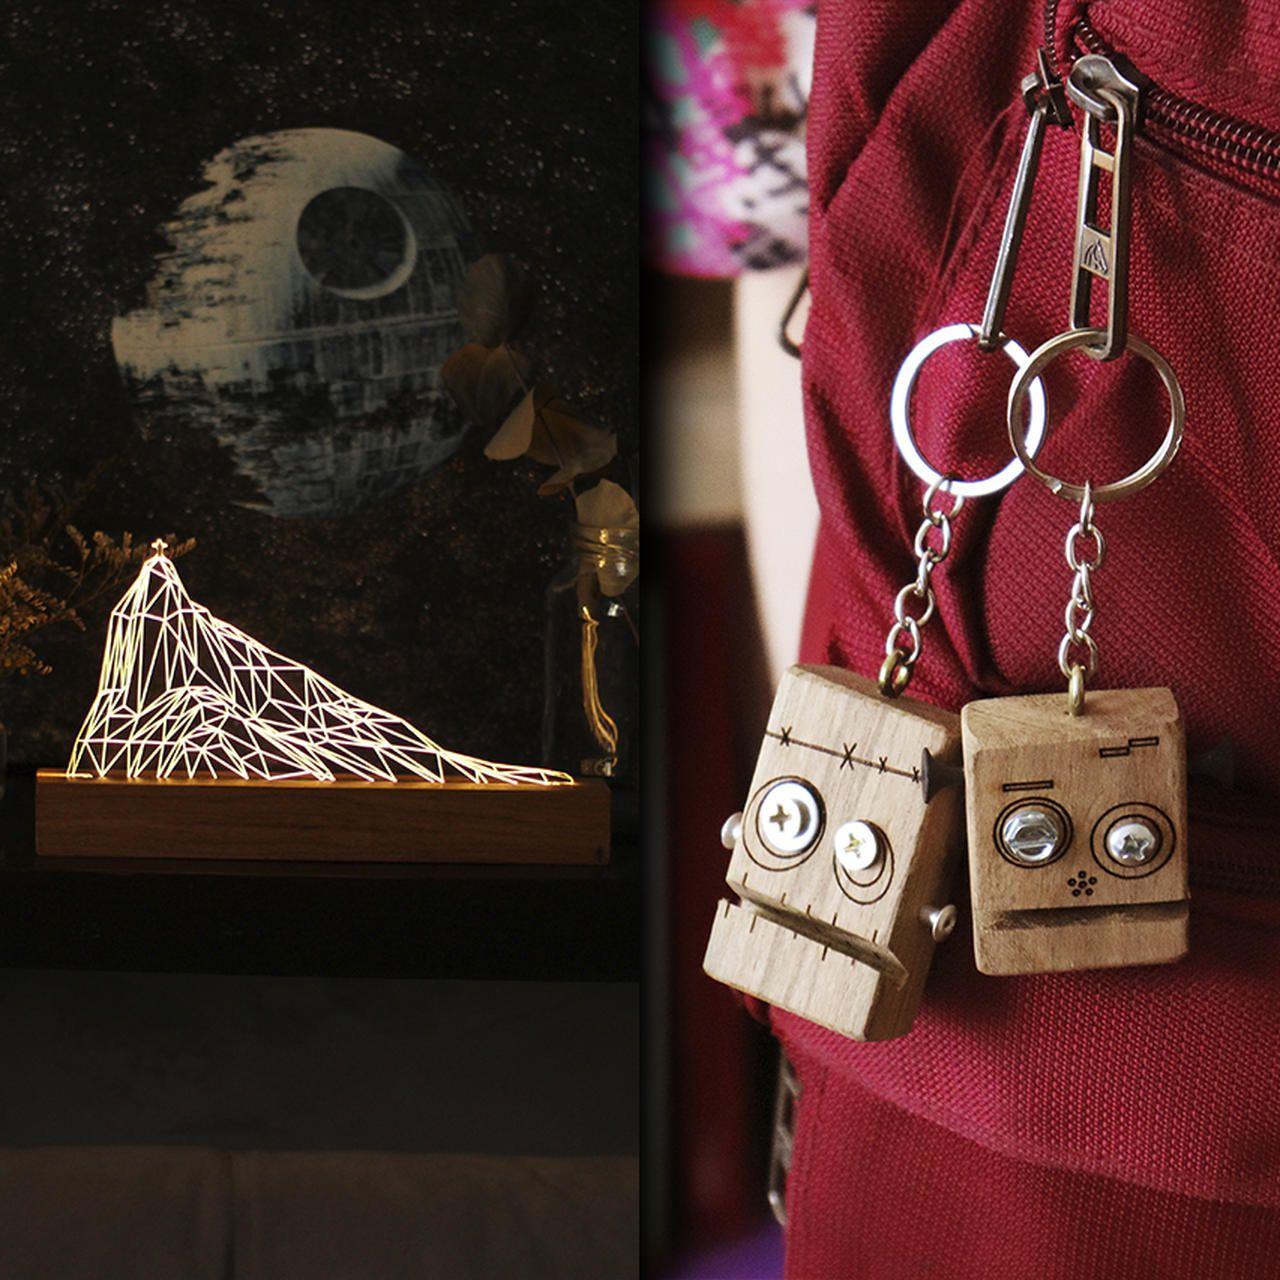 Kit Dia dos Namorados - 1 luminária Corcovado + 2 chaveiros